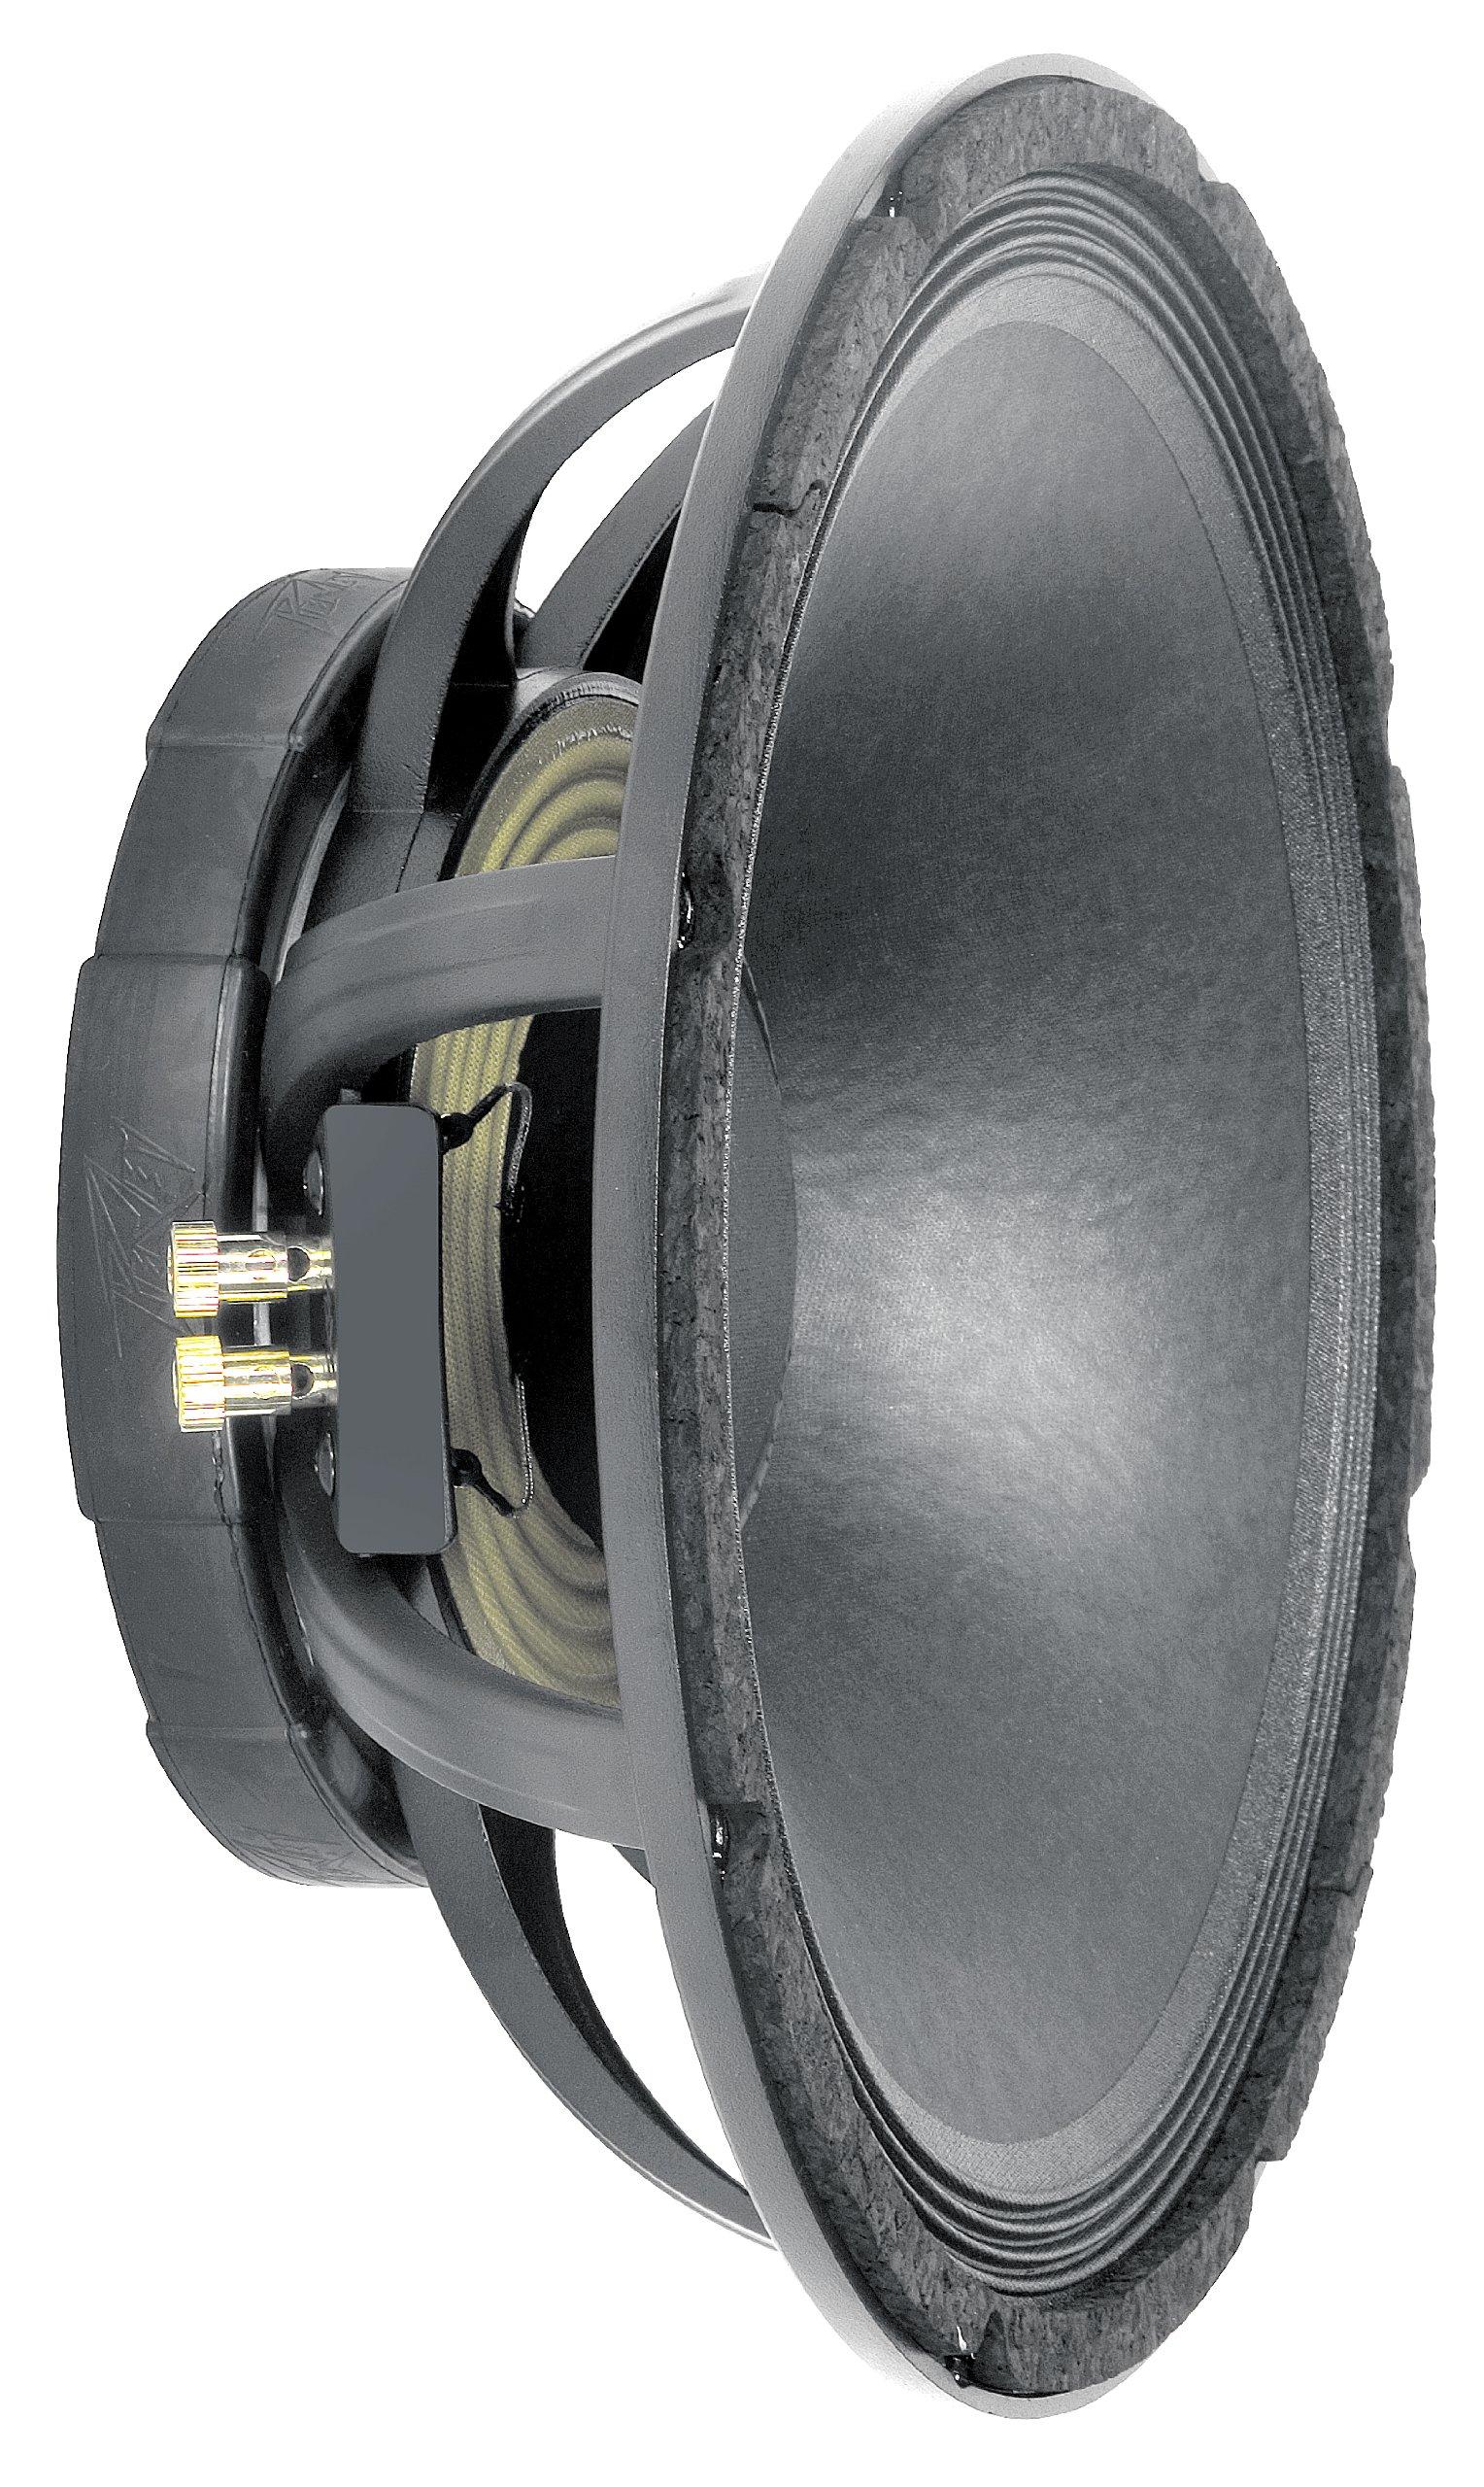 Peavey 1508-8 HE BWX SF Speaker